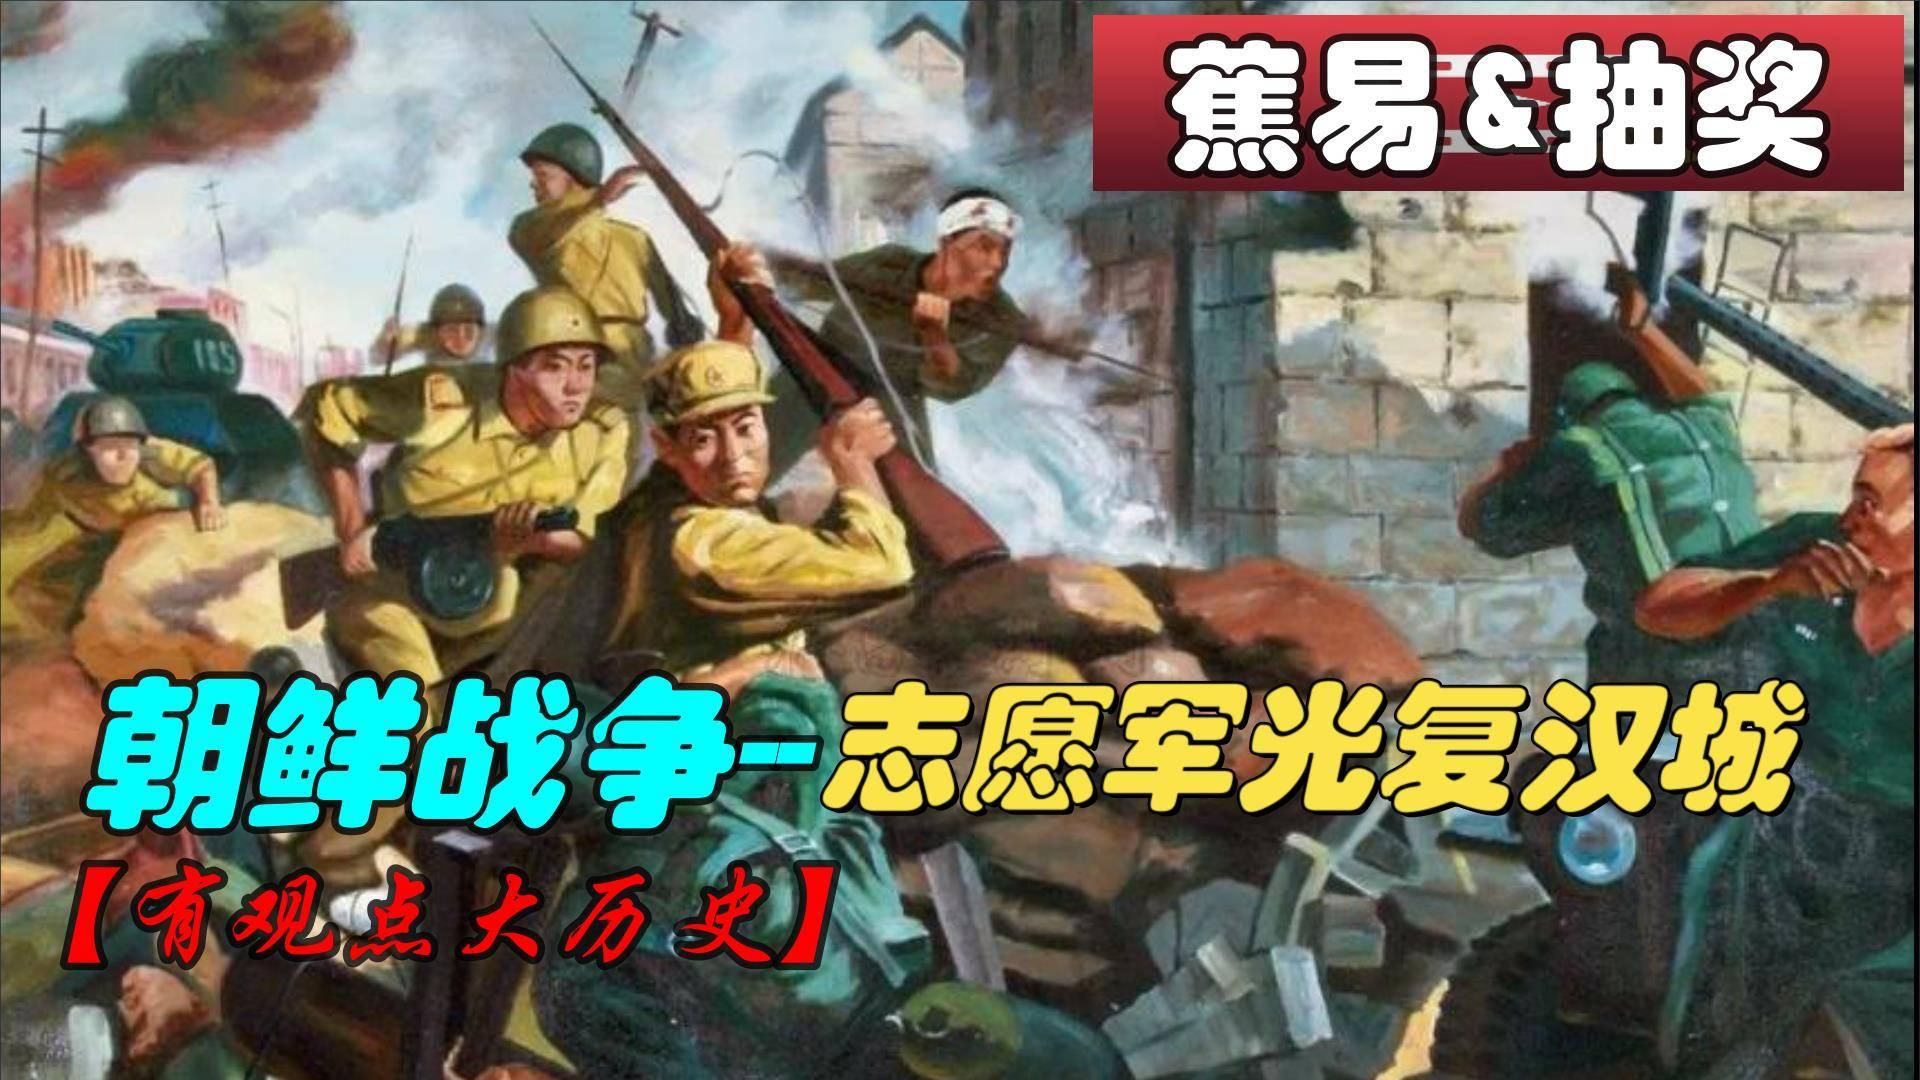 【蕉易&抽奖】朝鲜战争--志愿军光复汉城